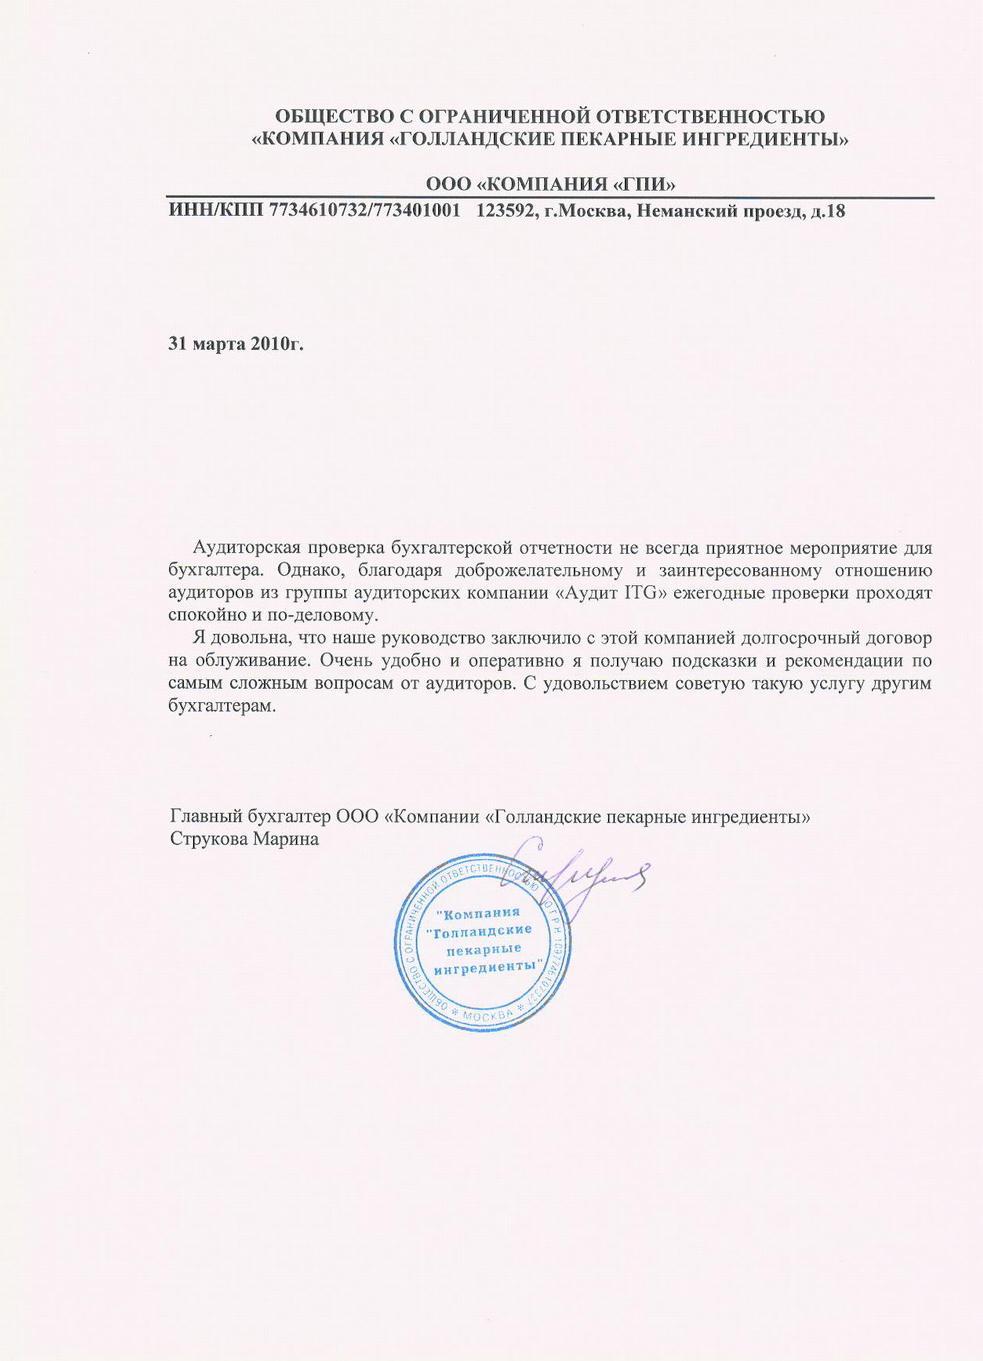 Заявление о прекращении исполнительного производства от должника